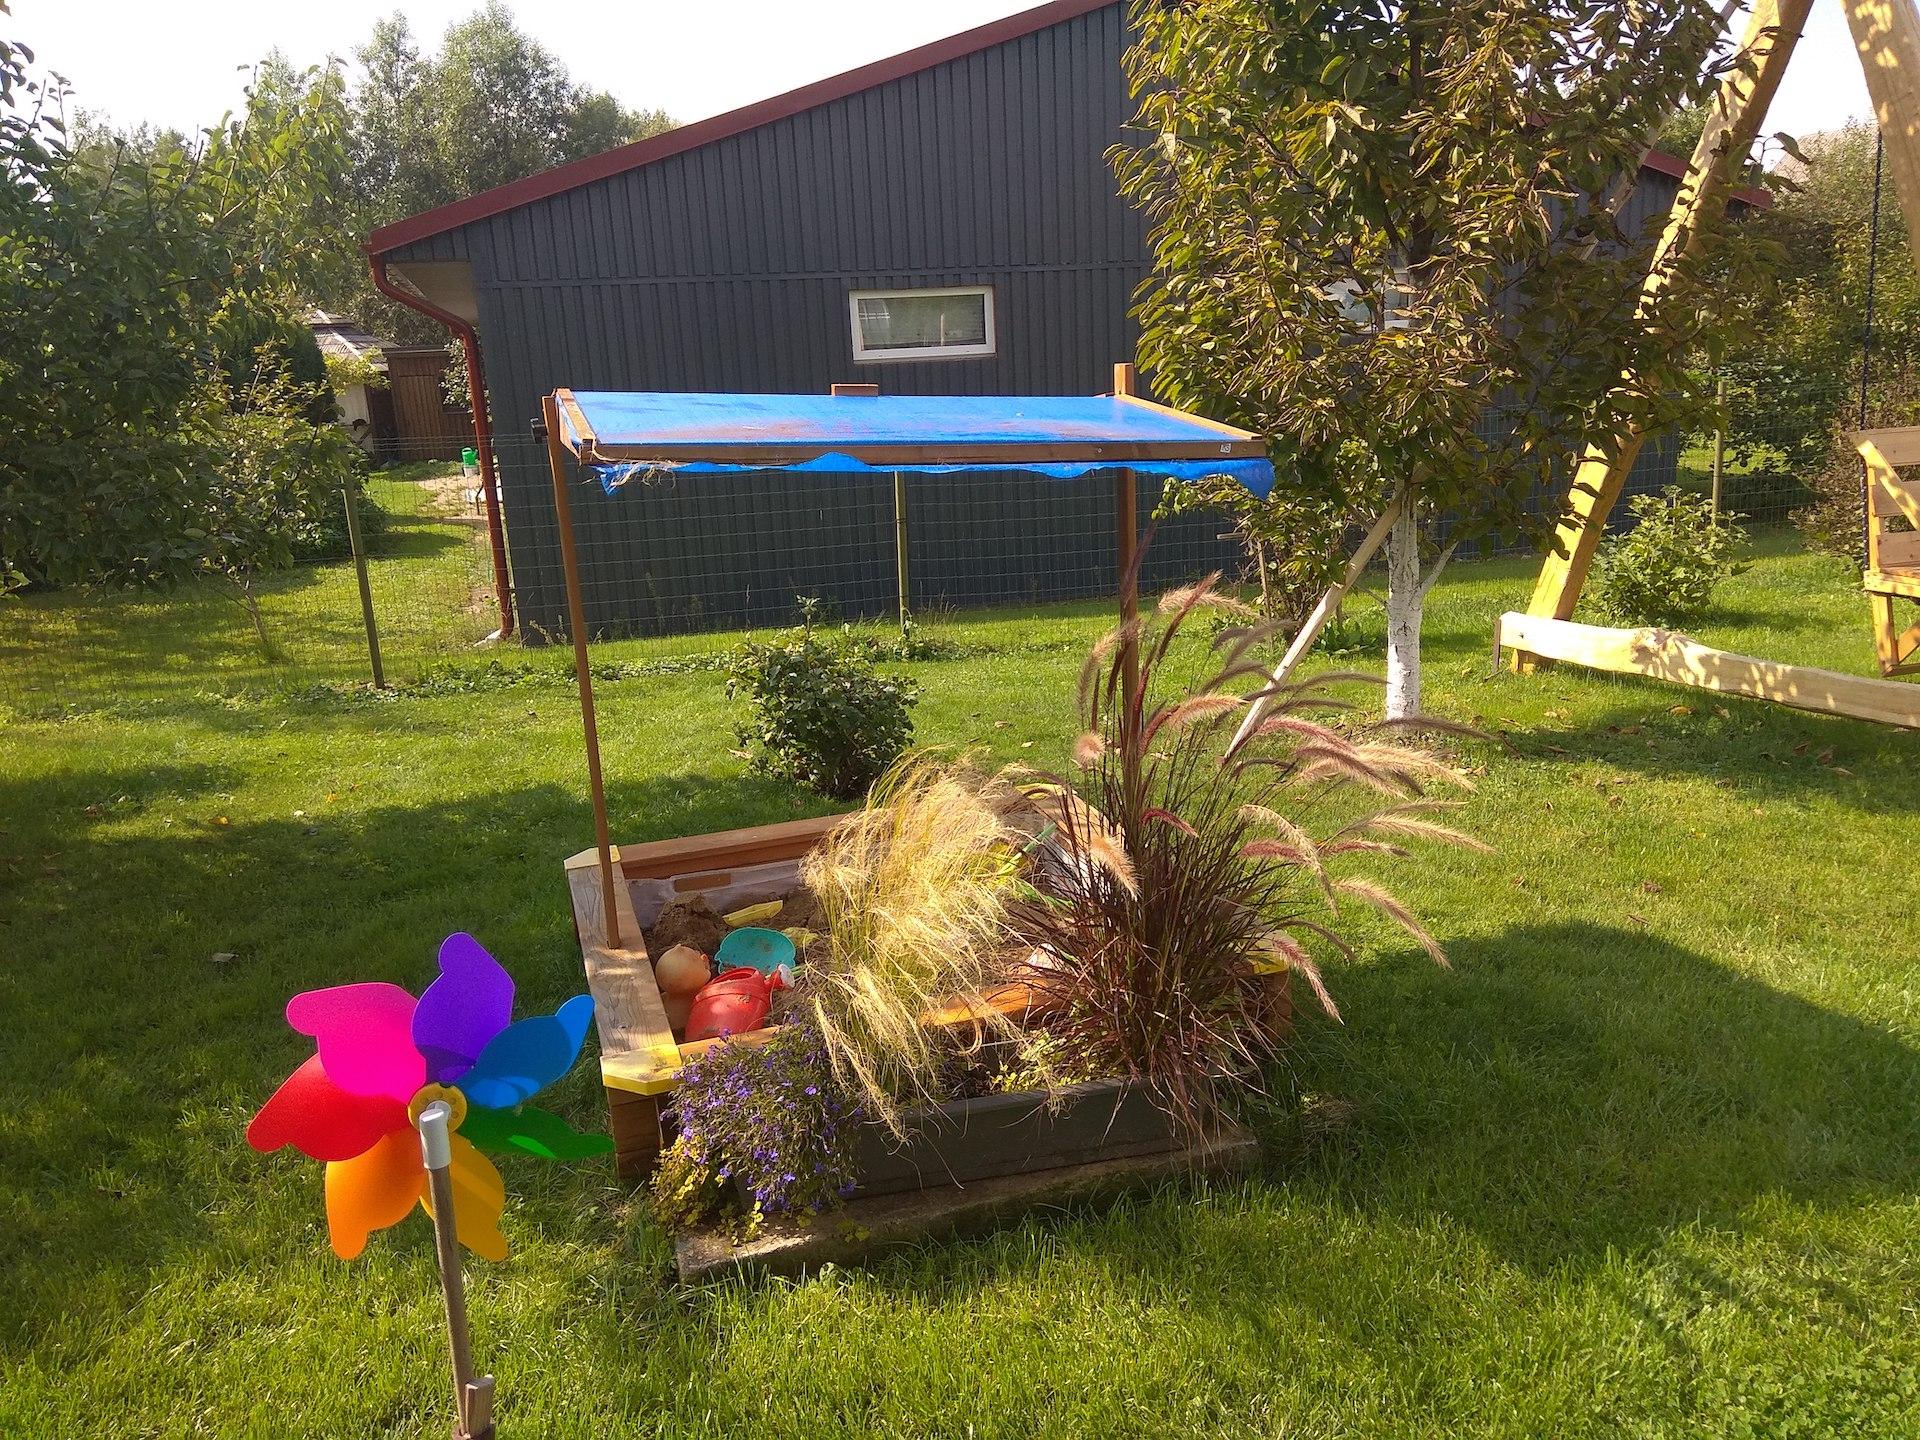 Švelniakailių žvėrelių ferma pastatyta vos už kelių metrų nuo Marmų sklypo ribos – prie pat vaikų žaidimų aikštelės, vasaros virtuvės ir terasos./ Dimitrijaus Kuprijanovo nuotr.